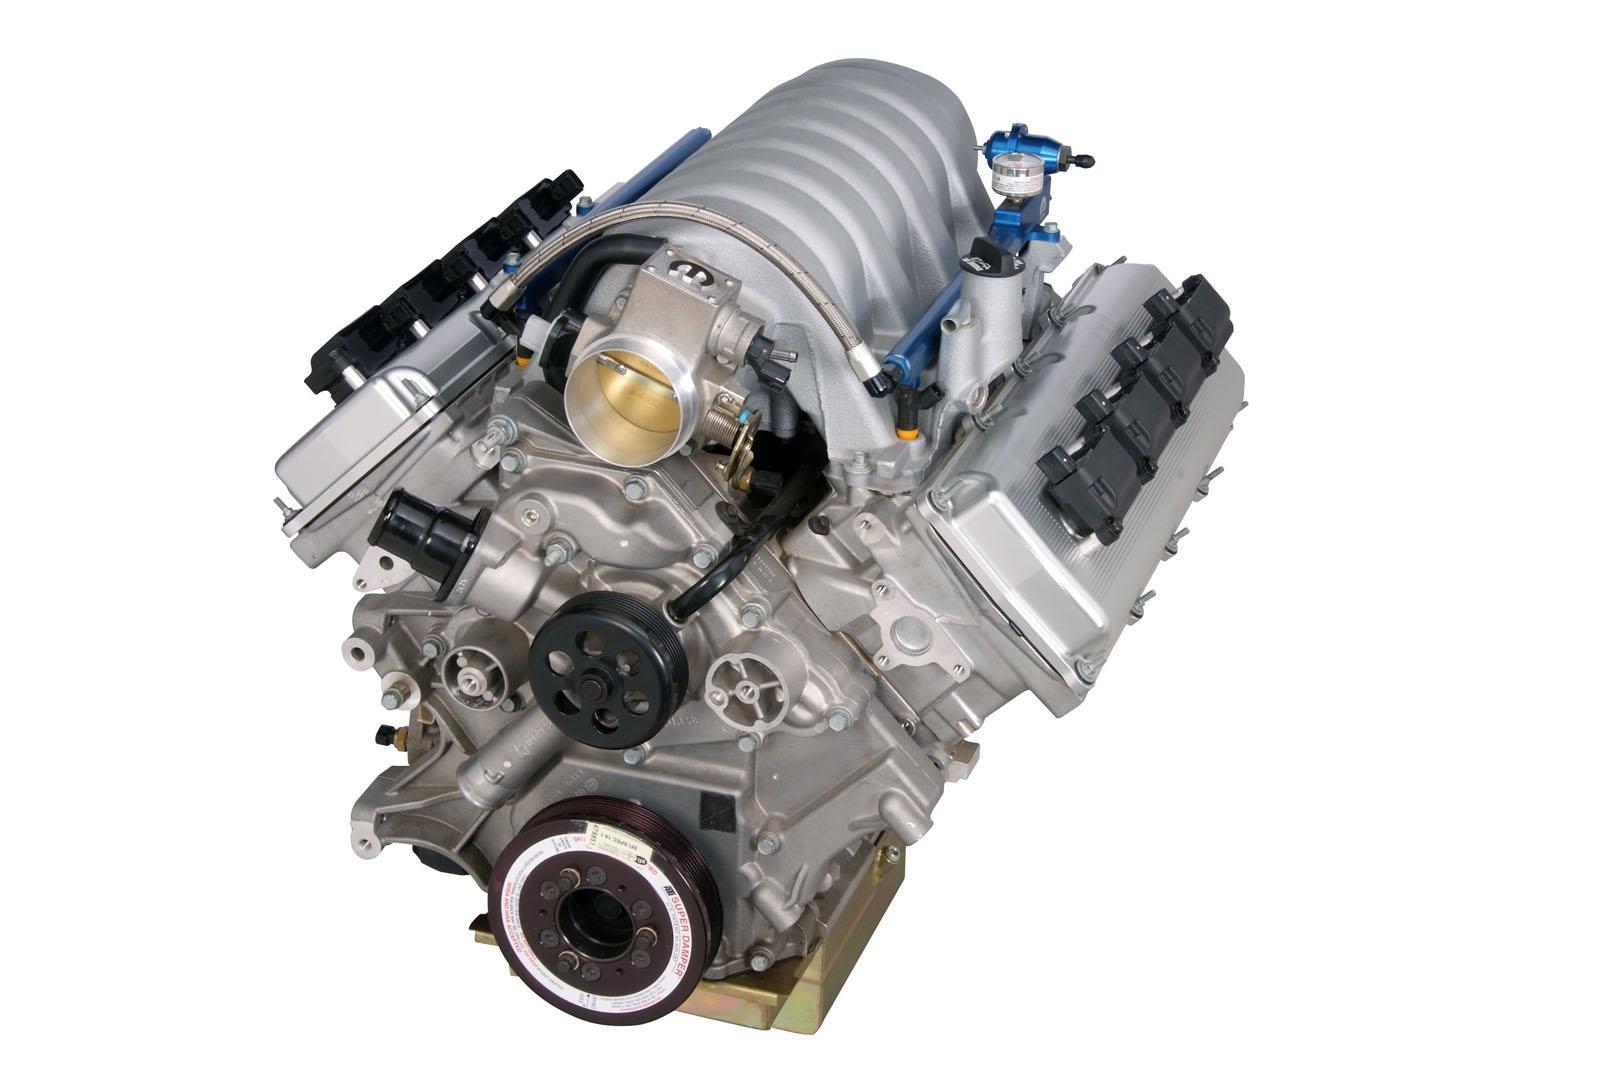 Mopar 84 Liter V10 Picture 60107 Hemi Engine Diagram